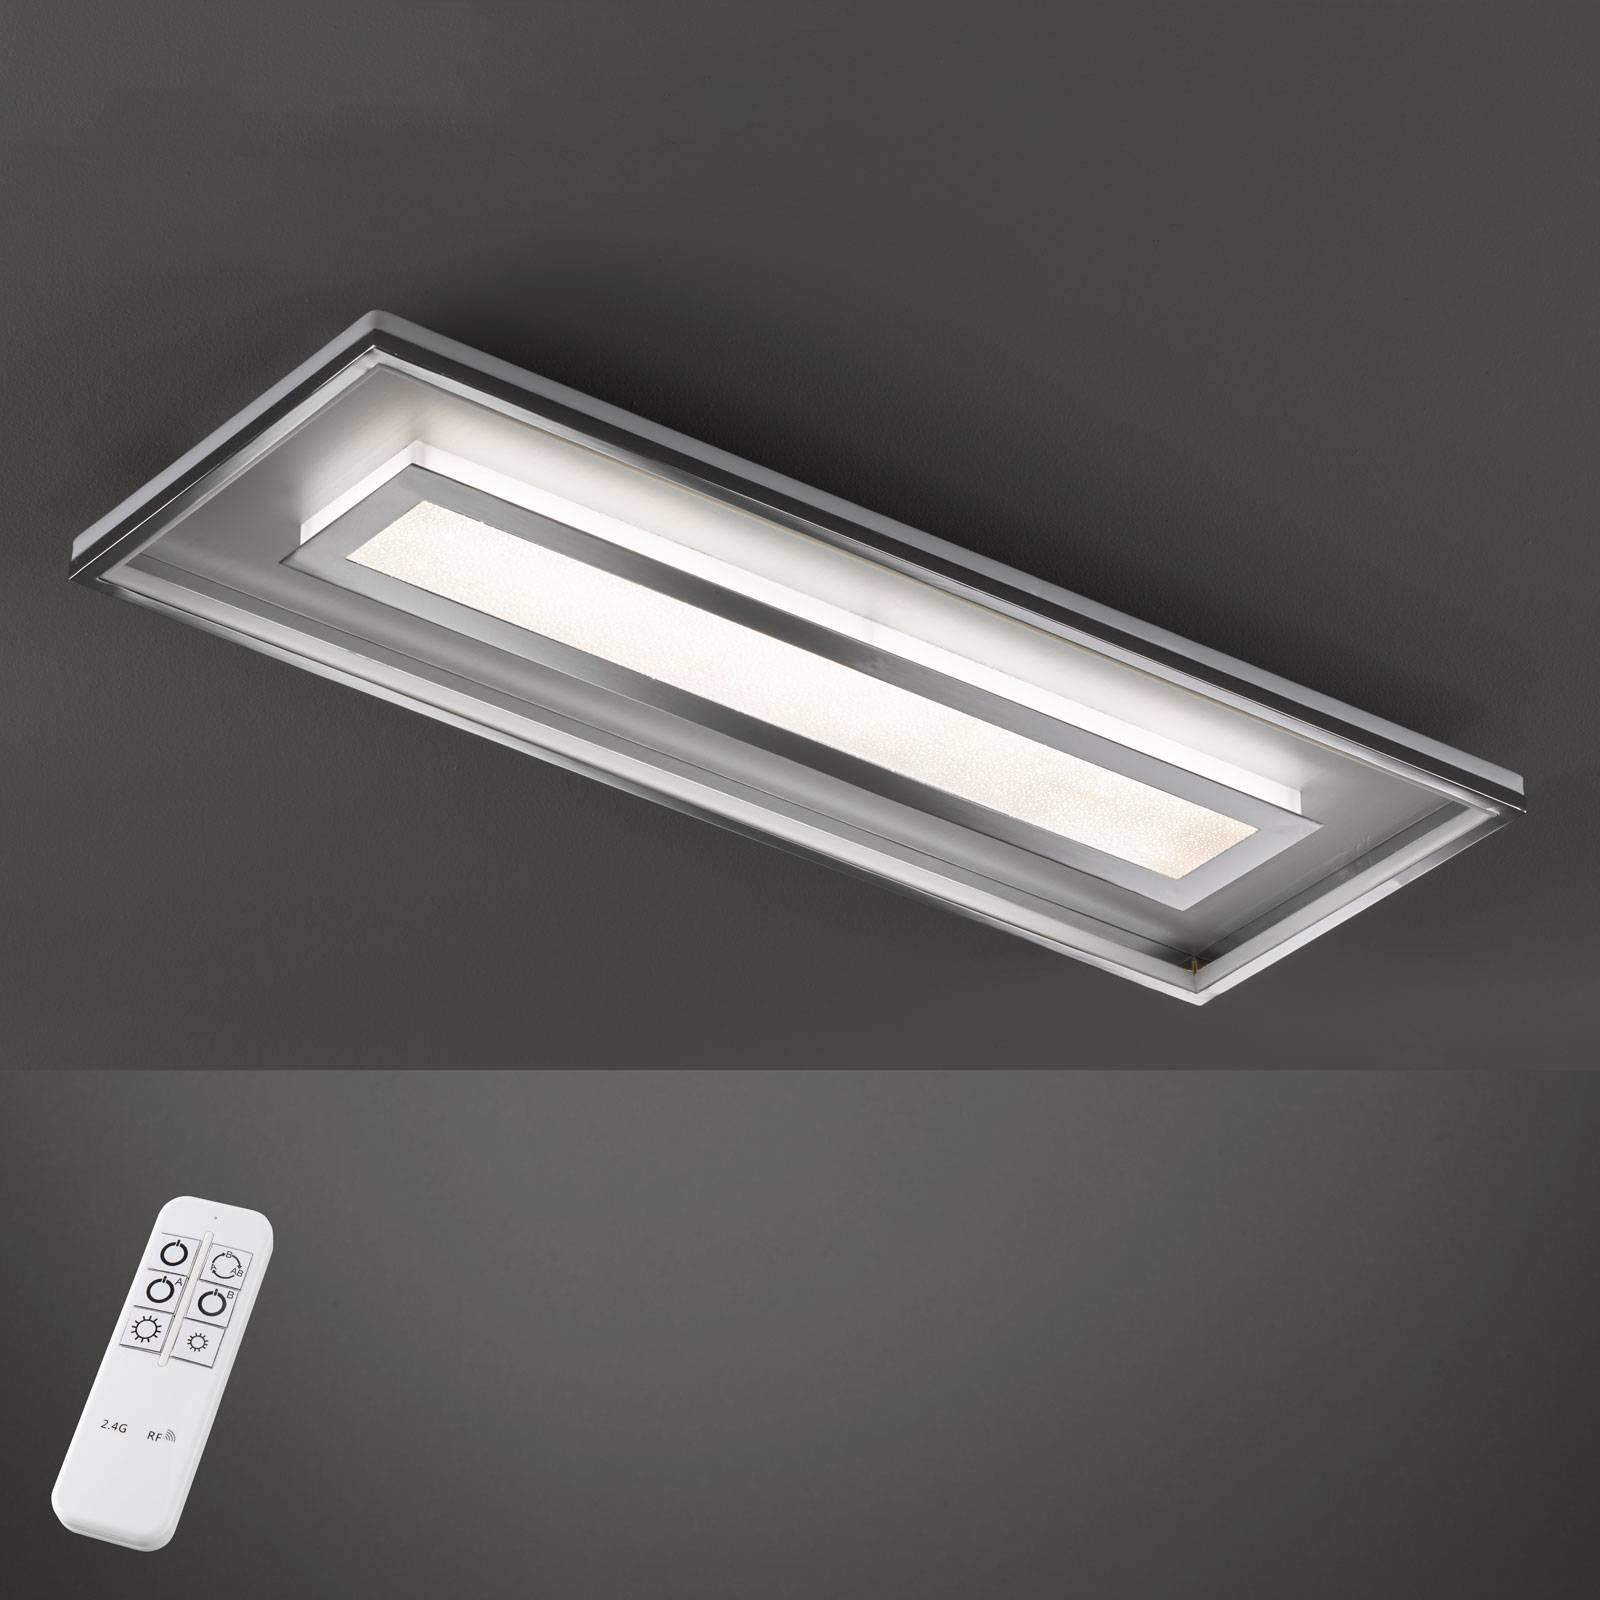 LED-kattovalaisin Bug, suorakulmainen 120 x 40 cm